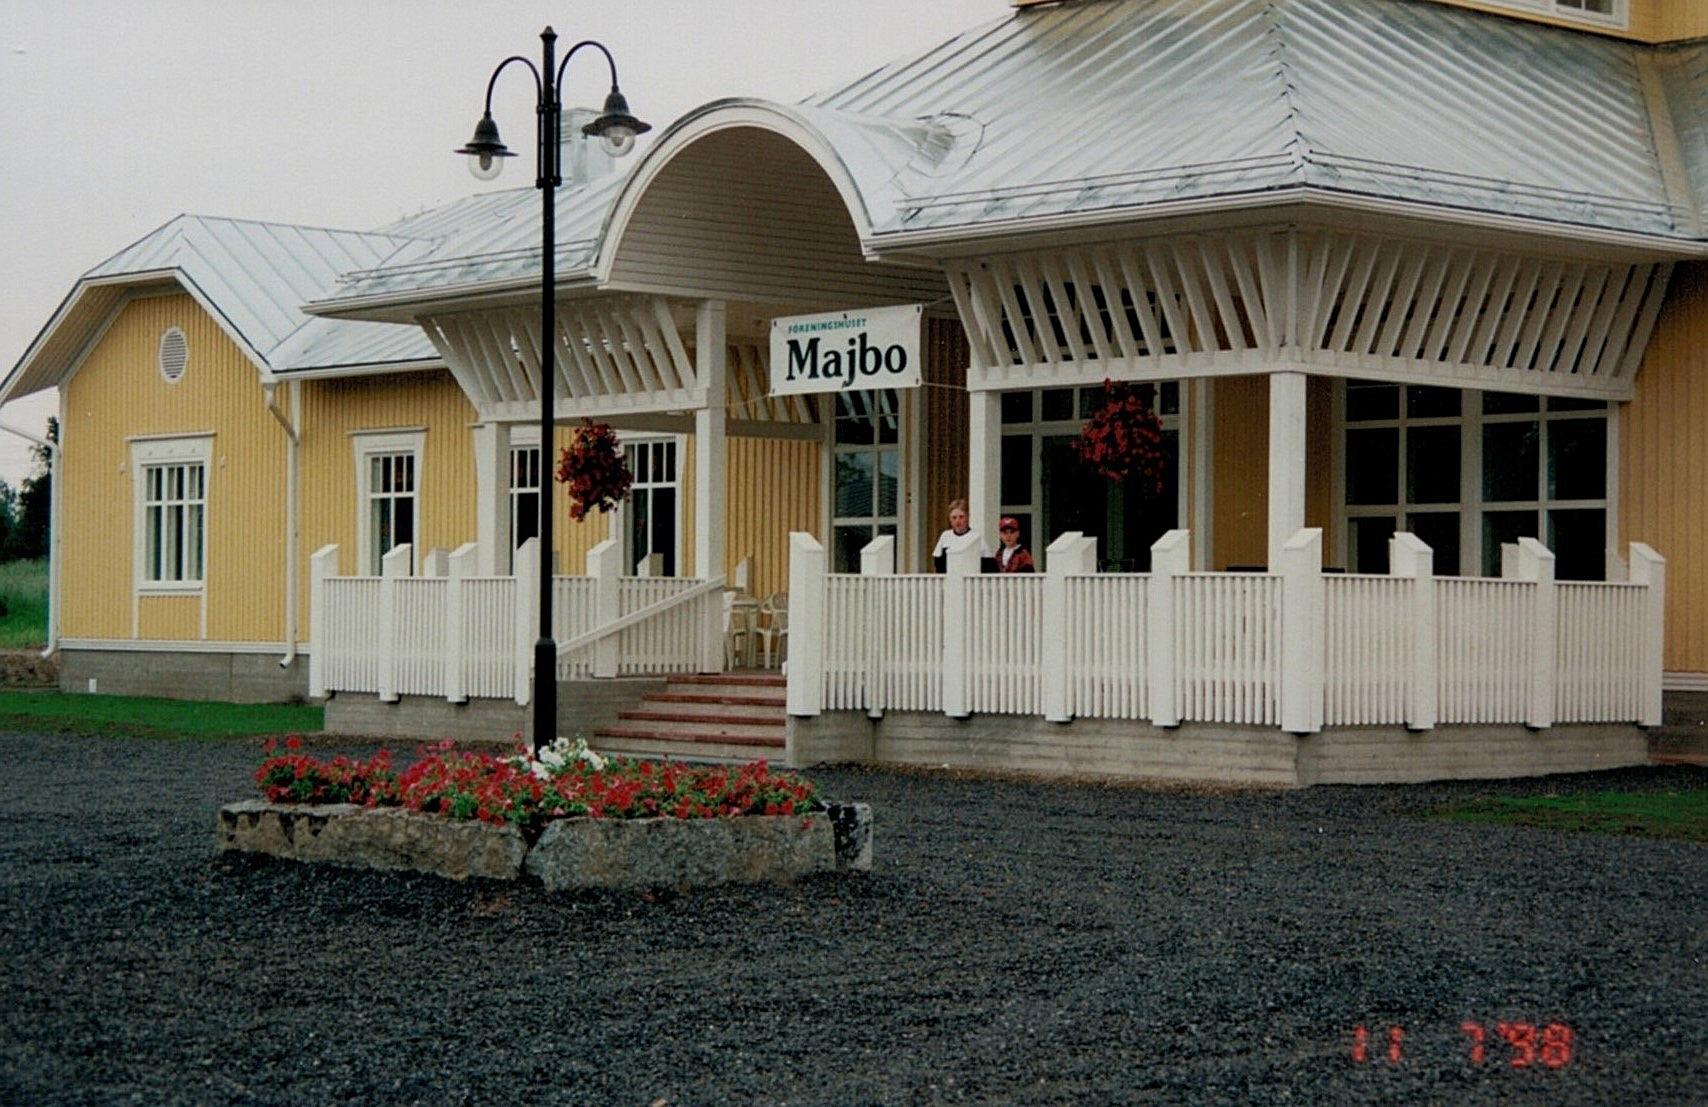 Föreningshuset Majbo står redo för den första tillställningen, lördagen den 11 juli 1998.